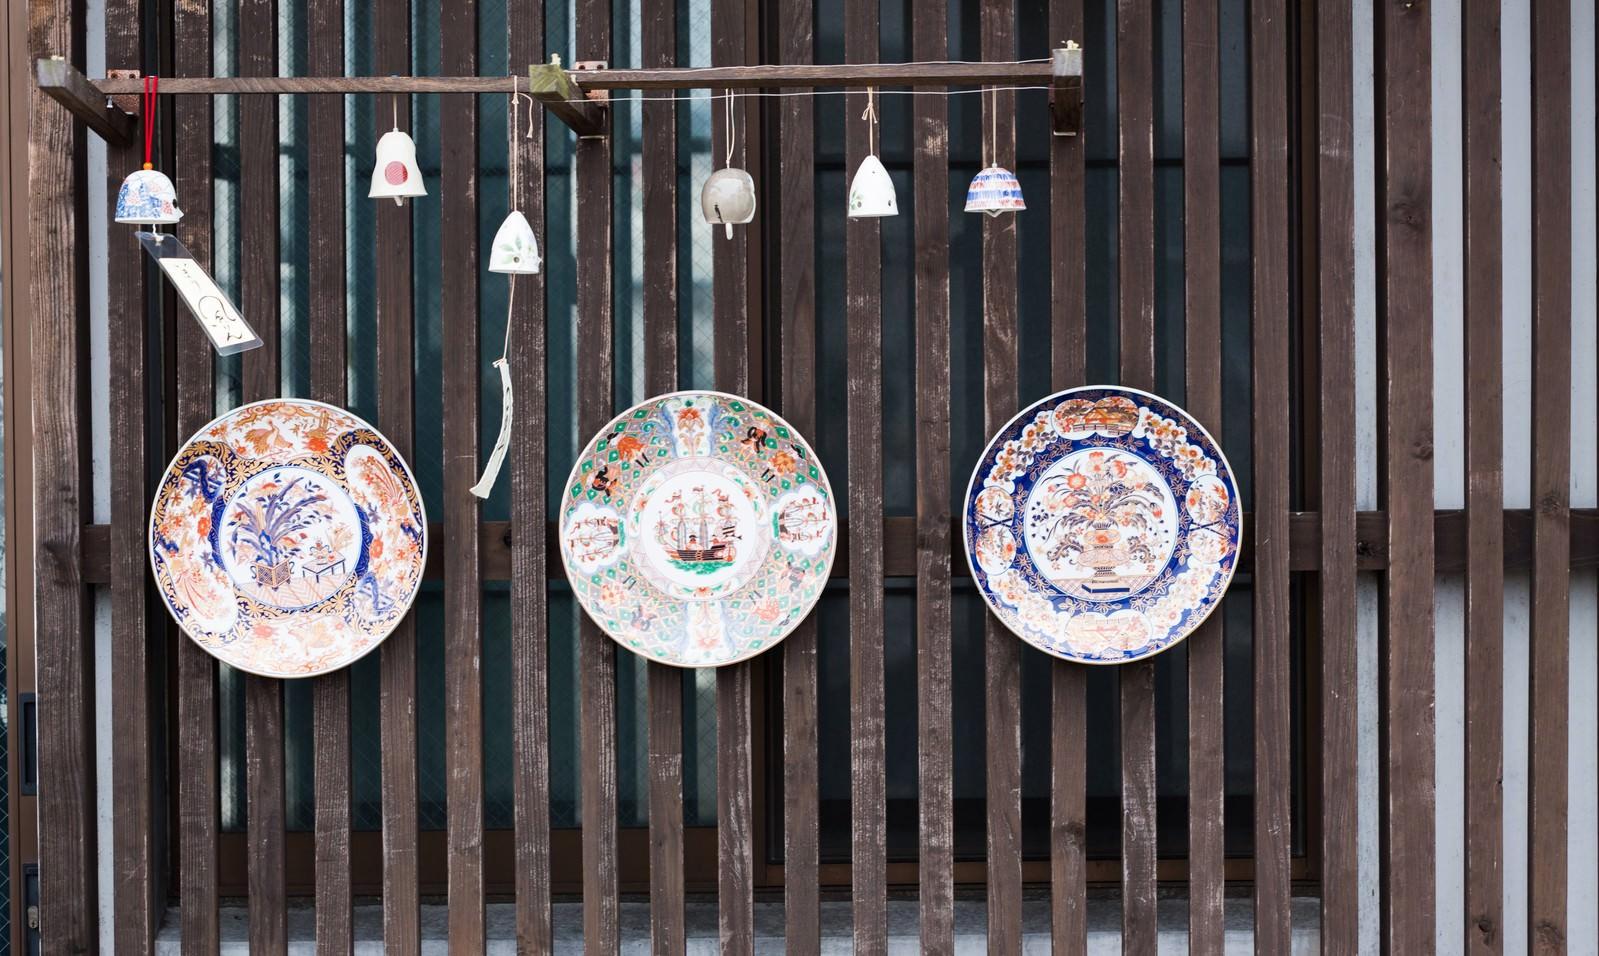 「海のシルクロード館の前にある伊万里焼(皿)海のシルクロード館の前にある伊万里焼(皿)」のフリー写真素材を拡大